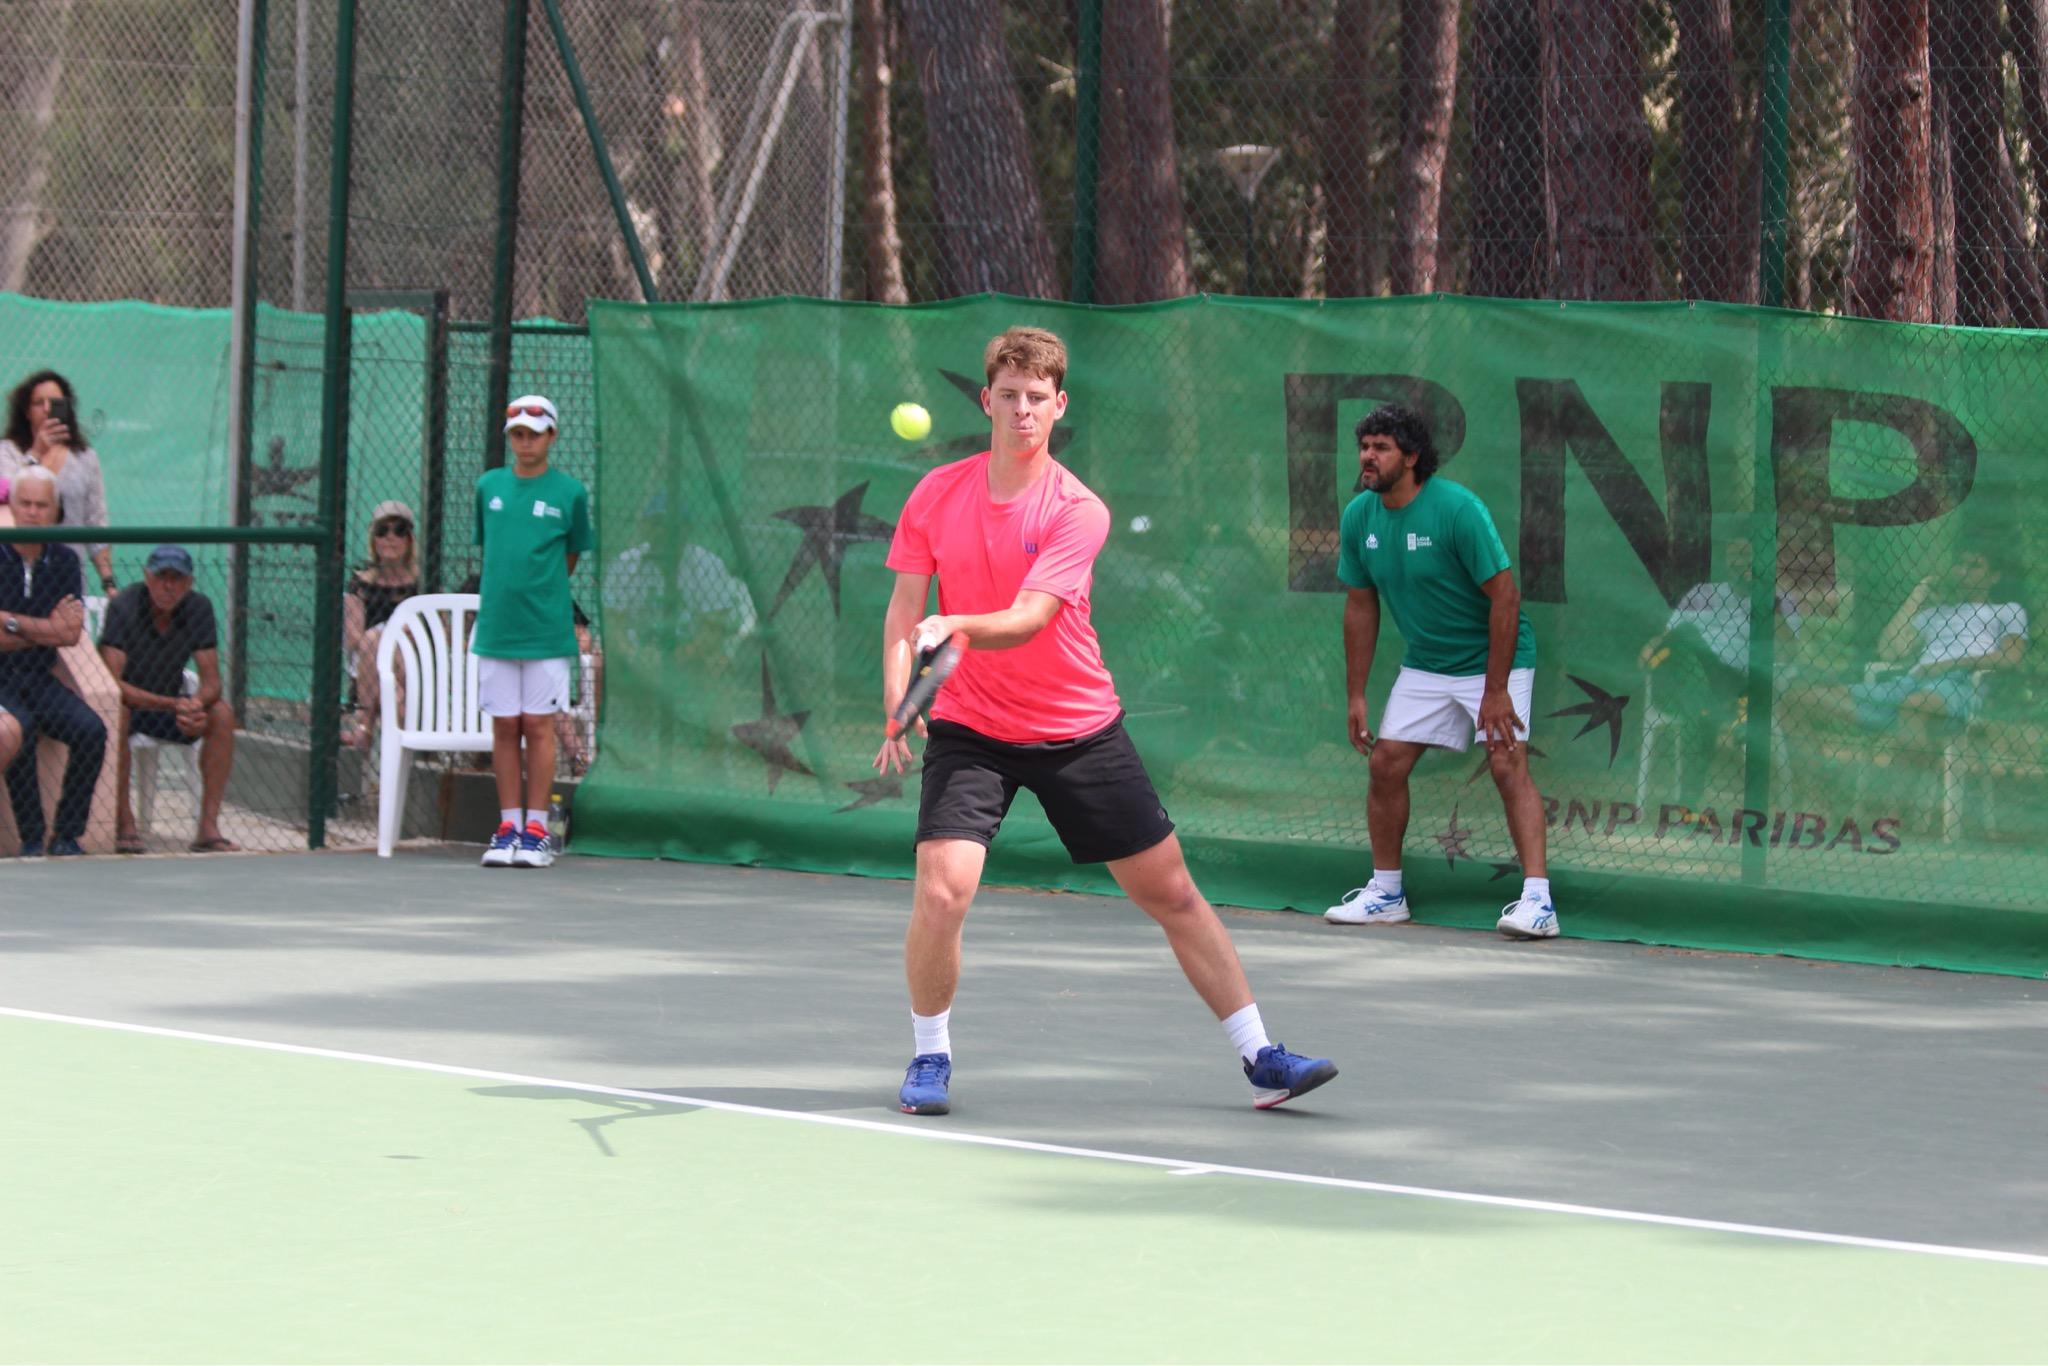 Championnats de Corse de Tennis : Prod'homme et Bacquet comme prévu